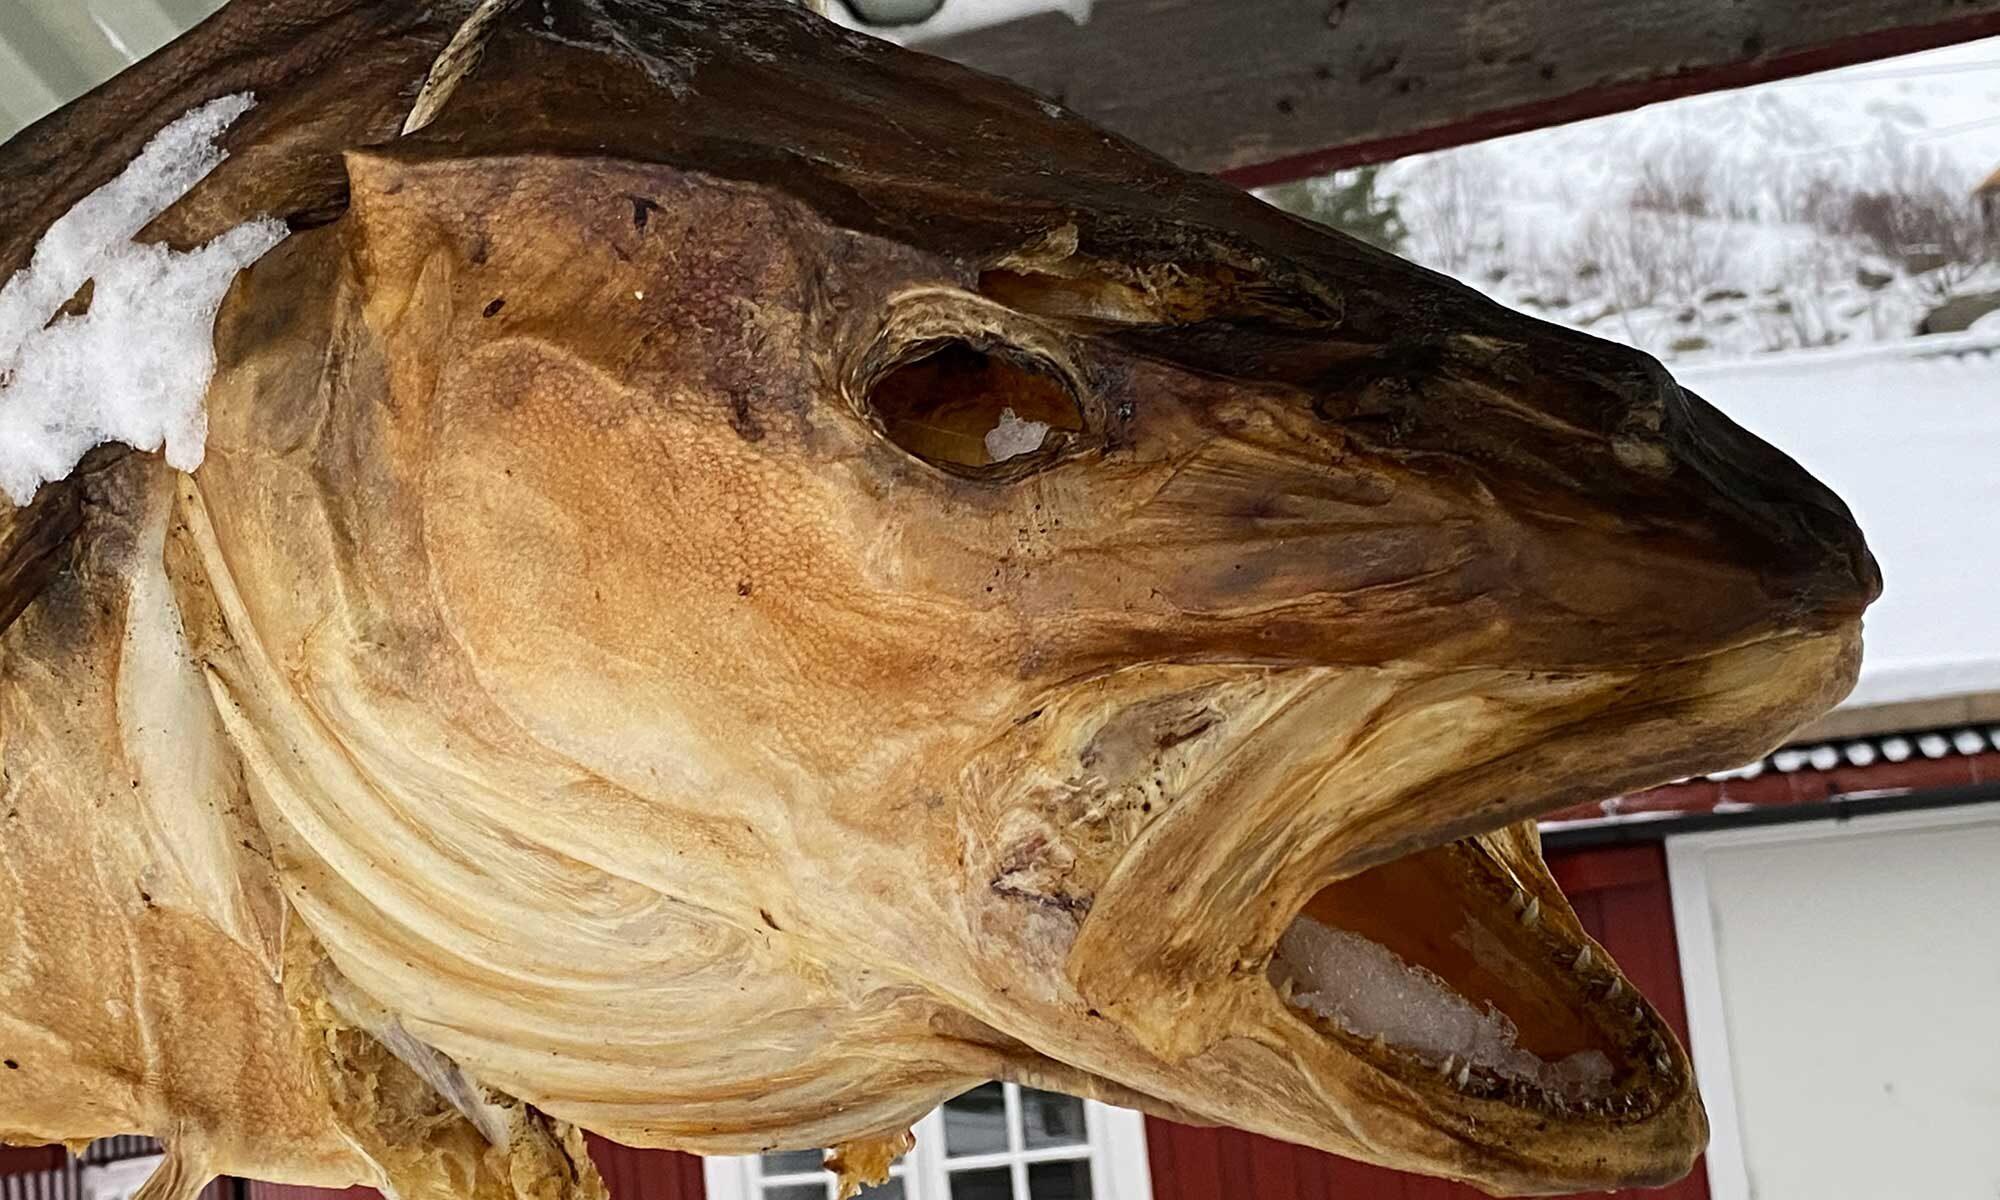 Das Bild zeigt einengetrockneten Fisch